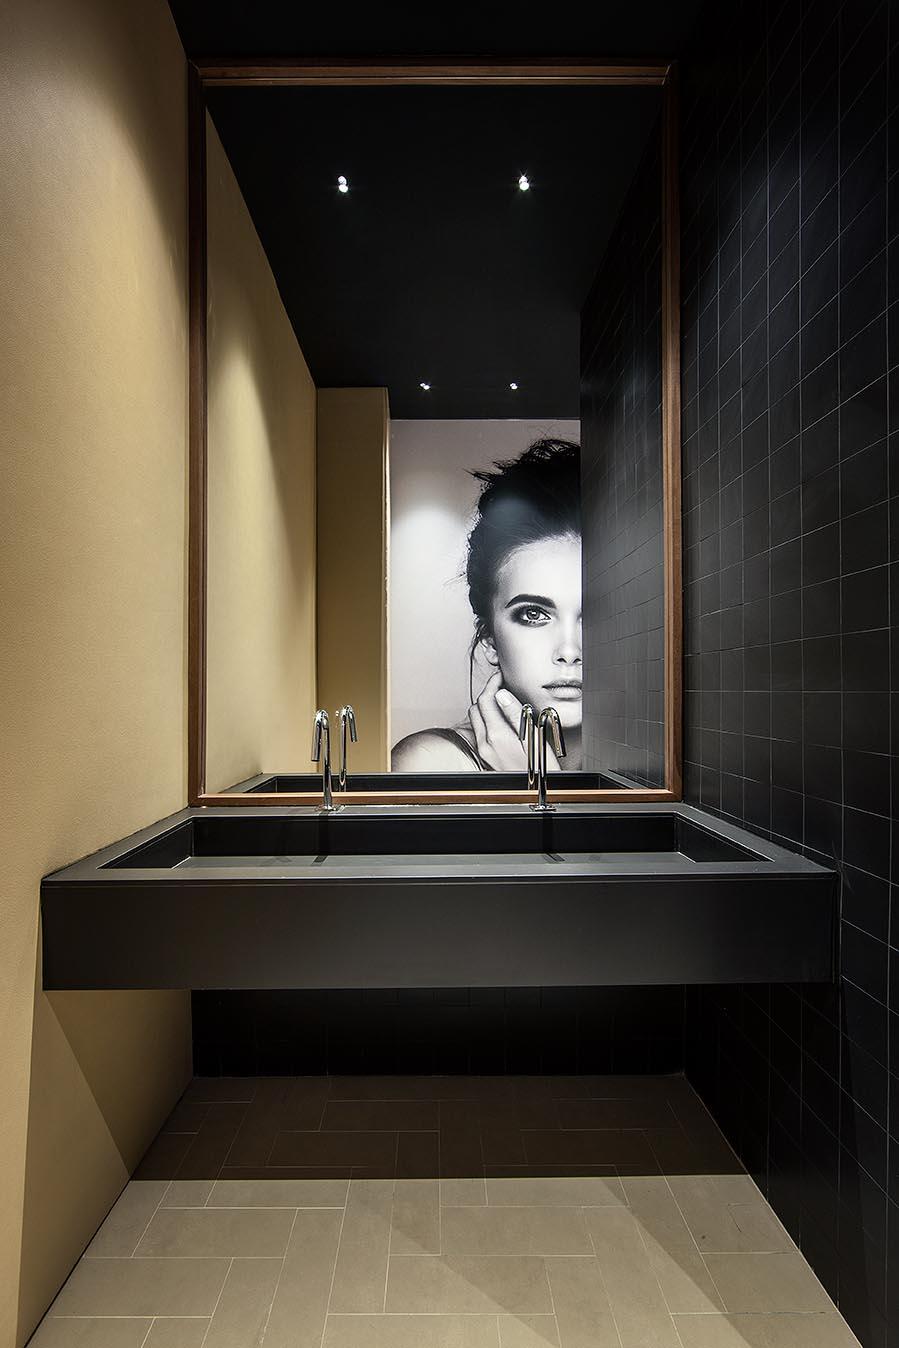 """Baño """"El Baño del Hombre Invisible"""" por Alejandra de la ..."""